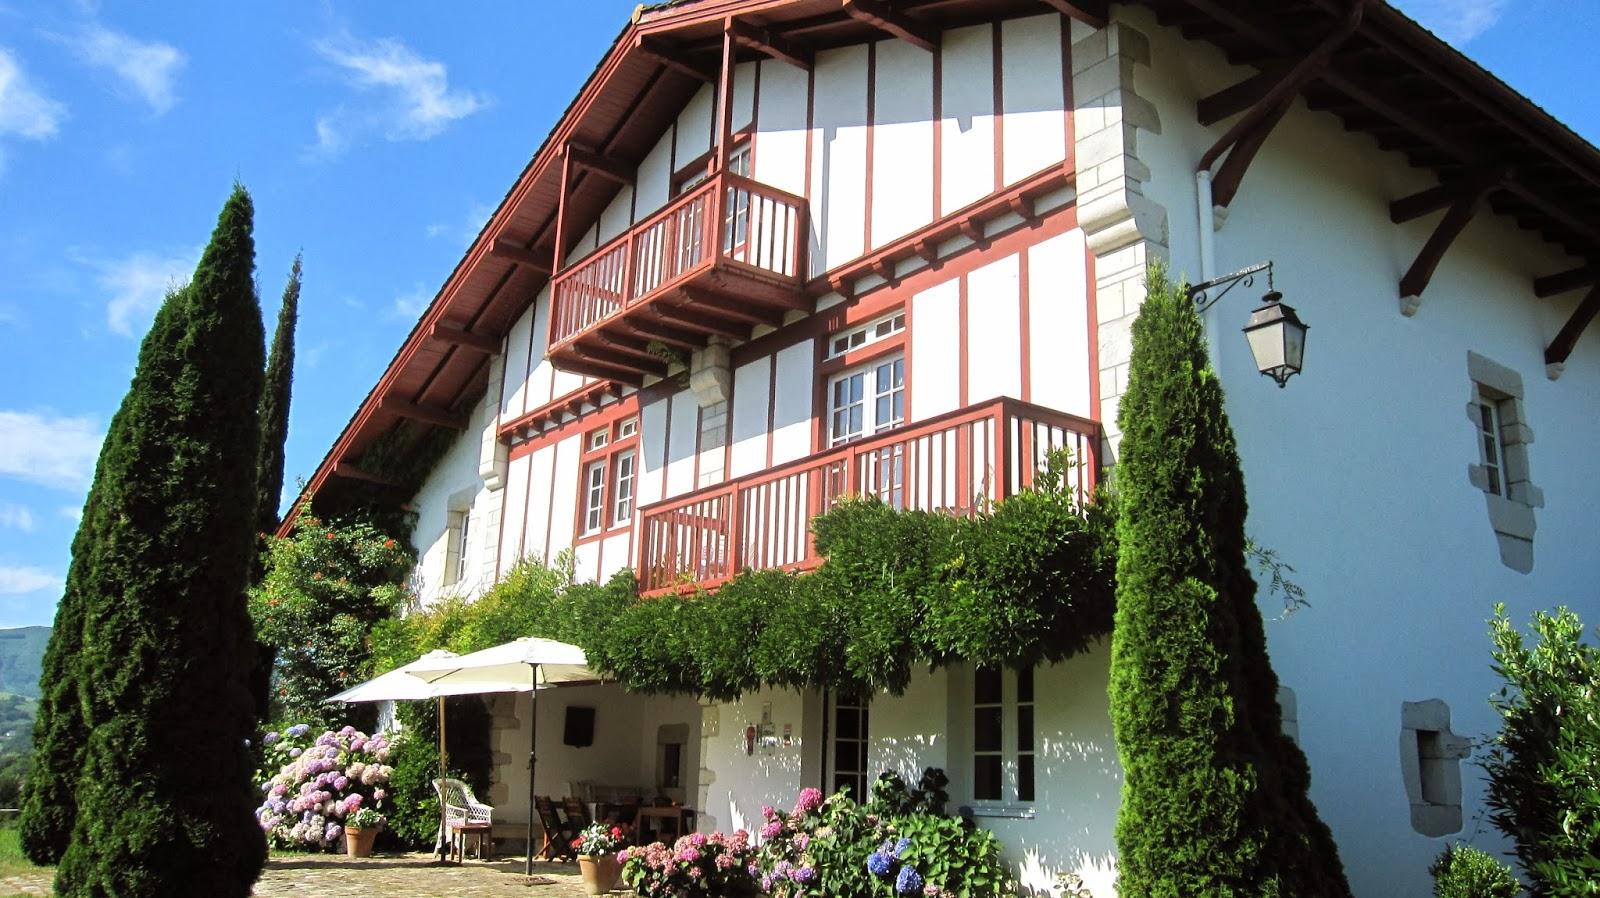 Irazabala la maison labourdine sur la colline pays basque for Maison sur colline